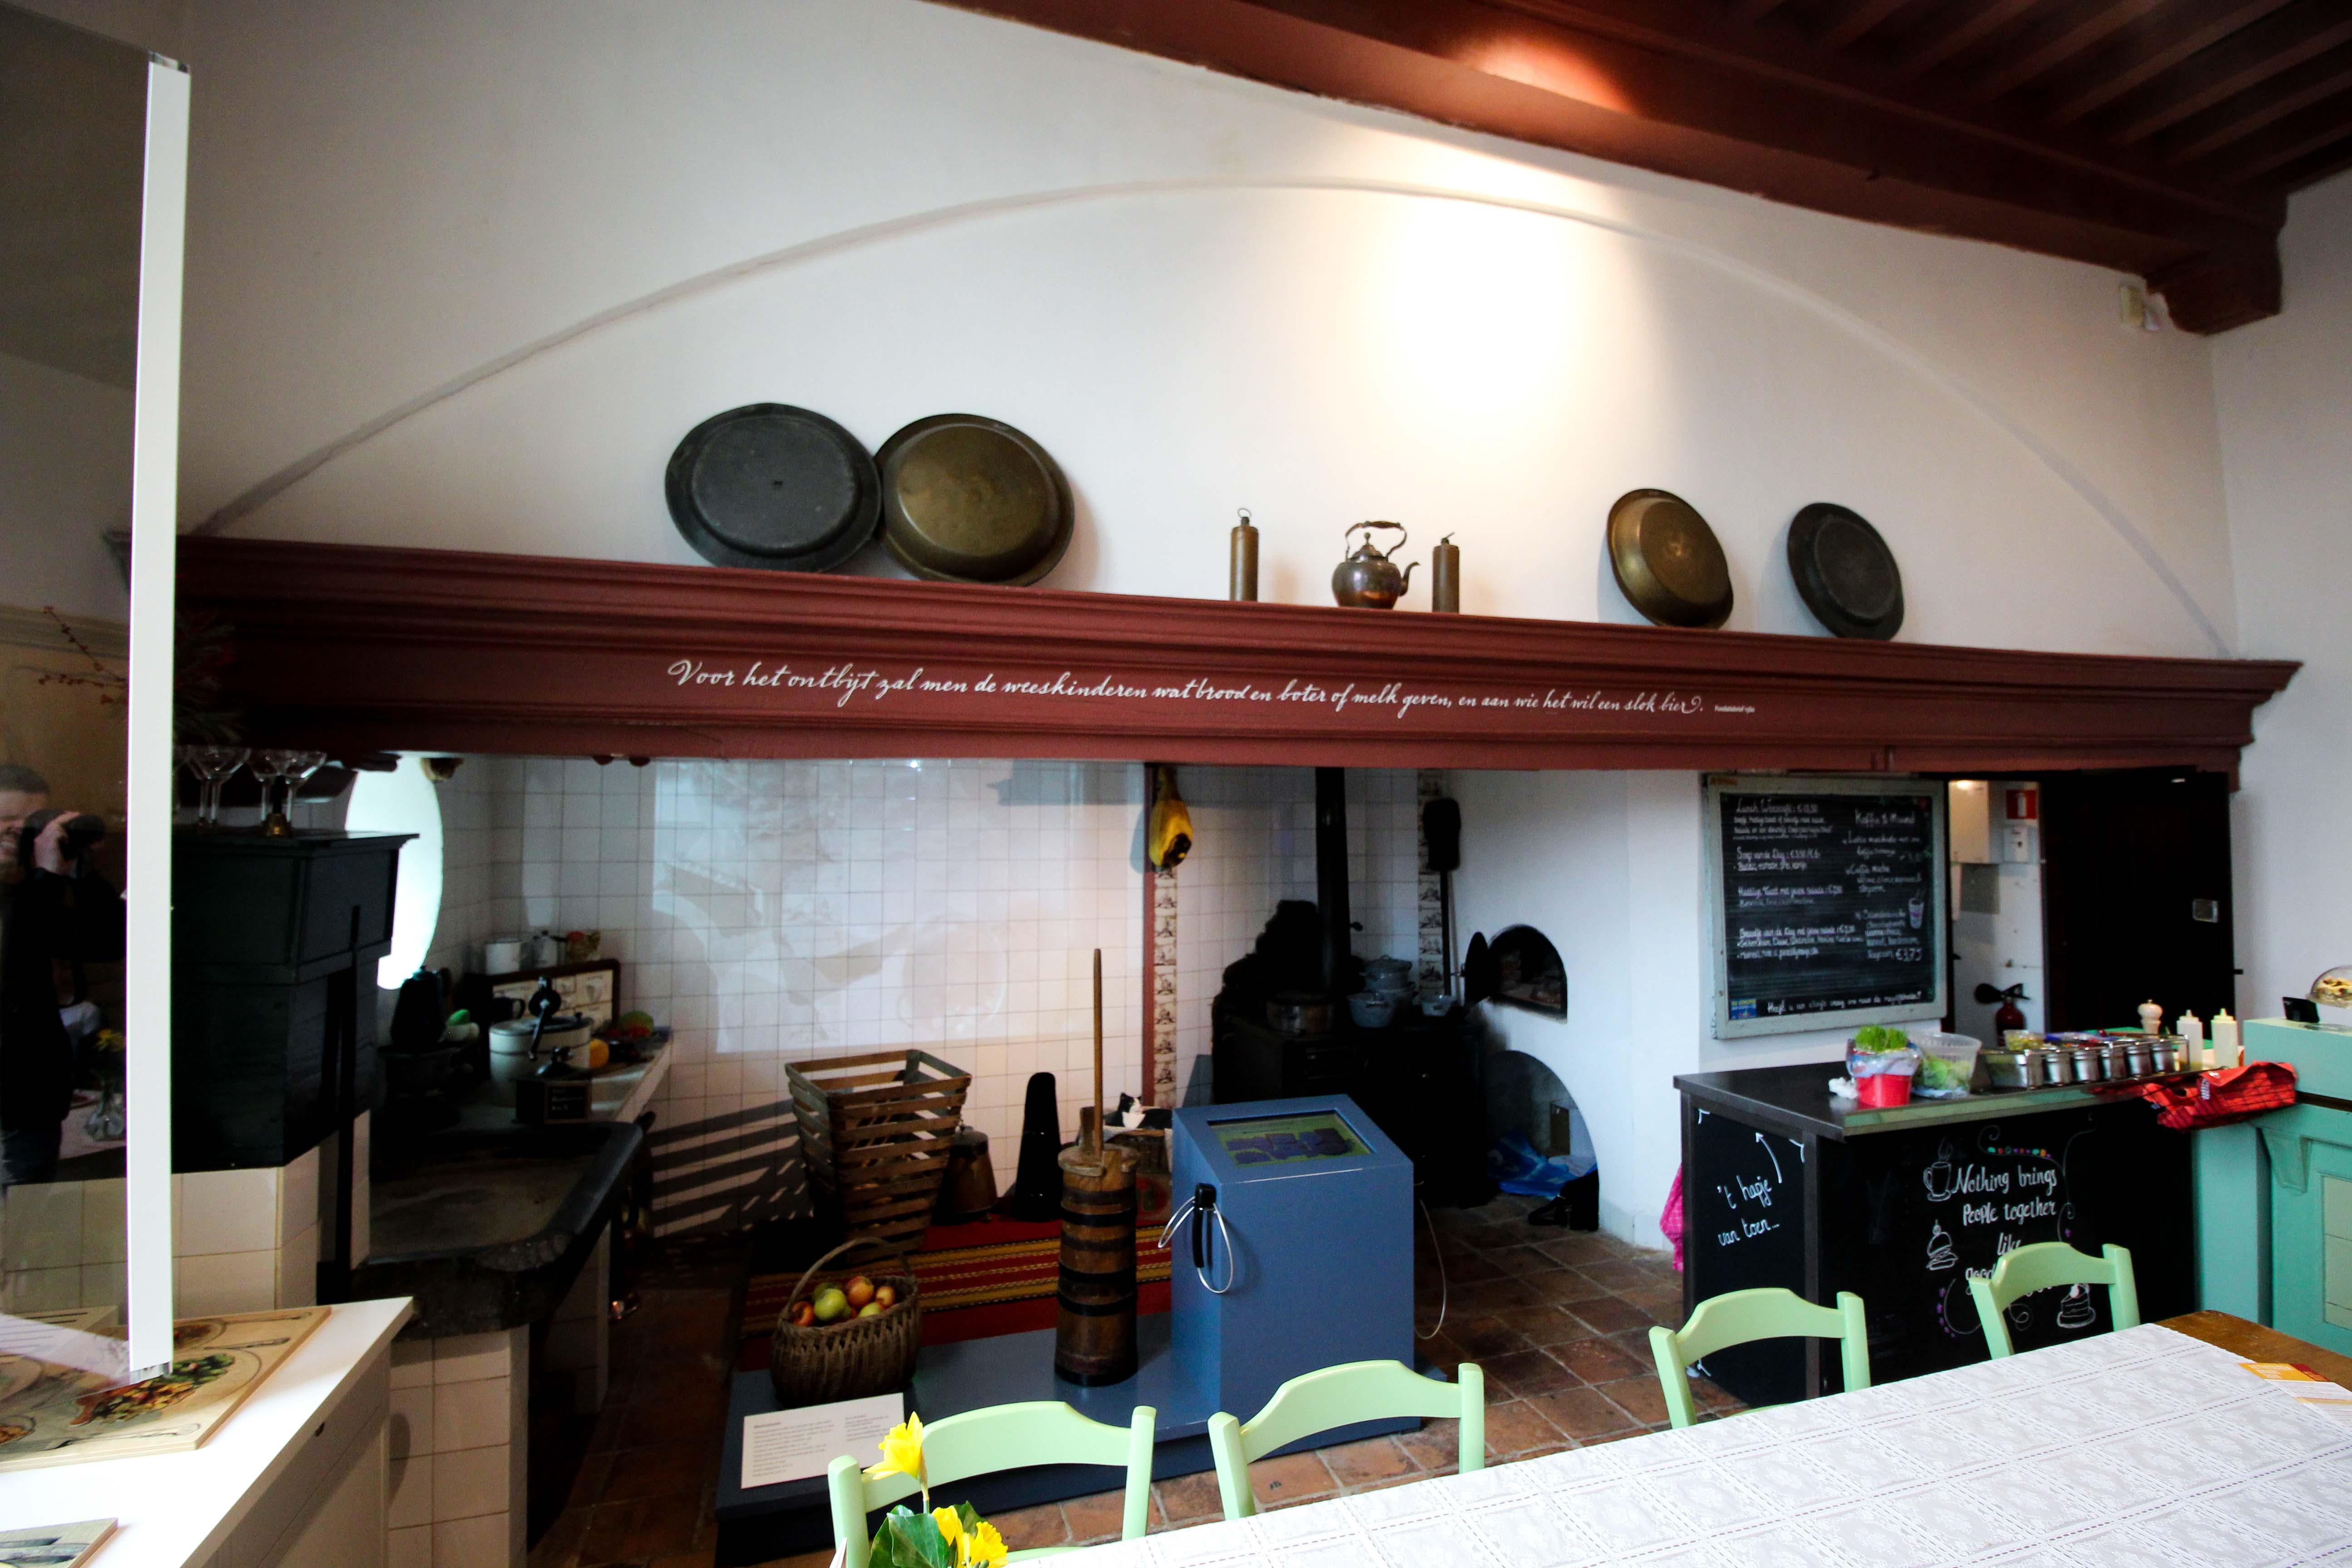 Wochenendtrip Holland Waisenhausmuseum Culemborg Elisabeth Weeshuis Museum Küche Cafe das andere Holland Reiseblog Ausflug von Deutschland